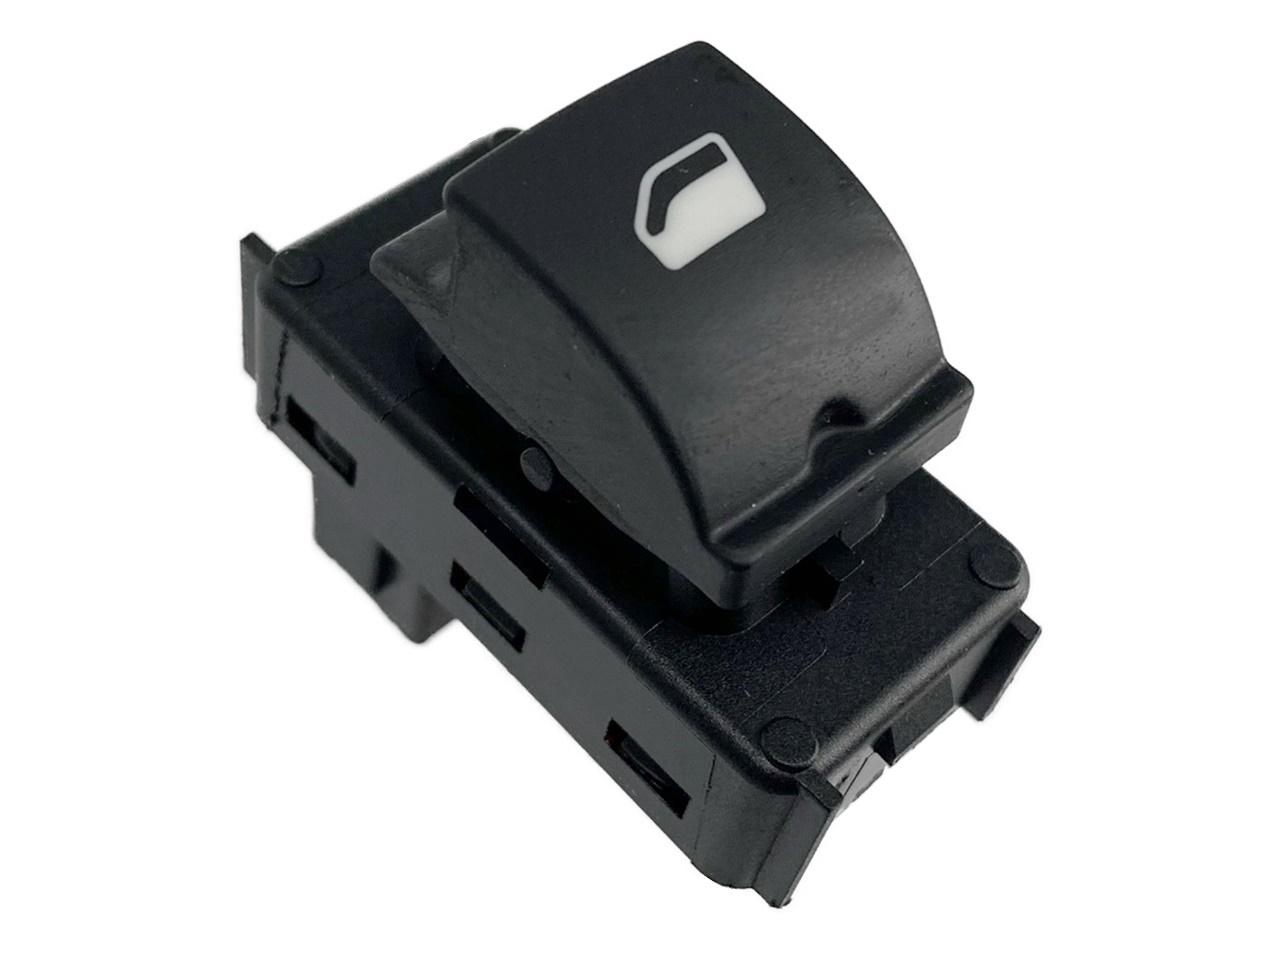 Botão Interruptor de Vidro Elétrico Simples Porta Dianteira Direita ou Traseira Bitron 96662297zd Citroen C4 07 08 09 010 011 012 013